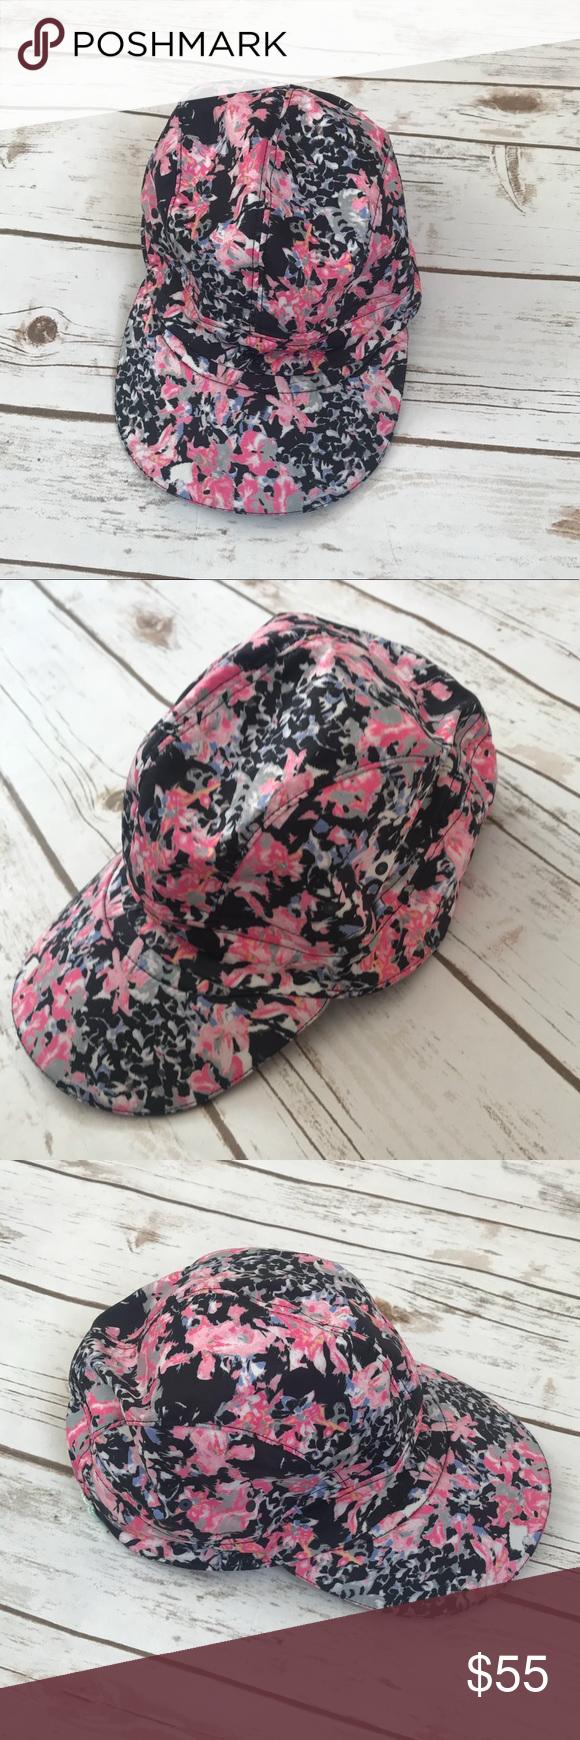 8058a2e5f21 Lululemon Floral Print Women Hat Lululemon Floral Print Women Hat